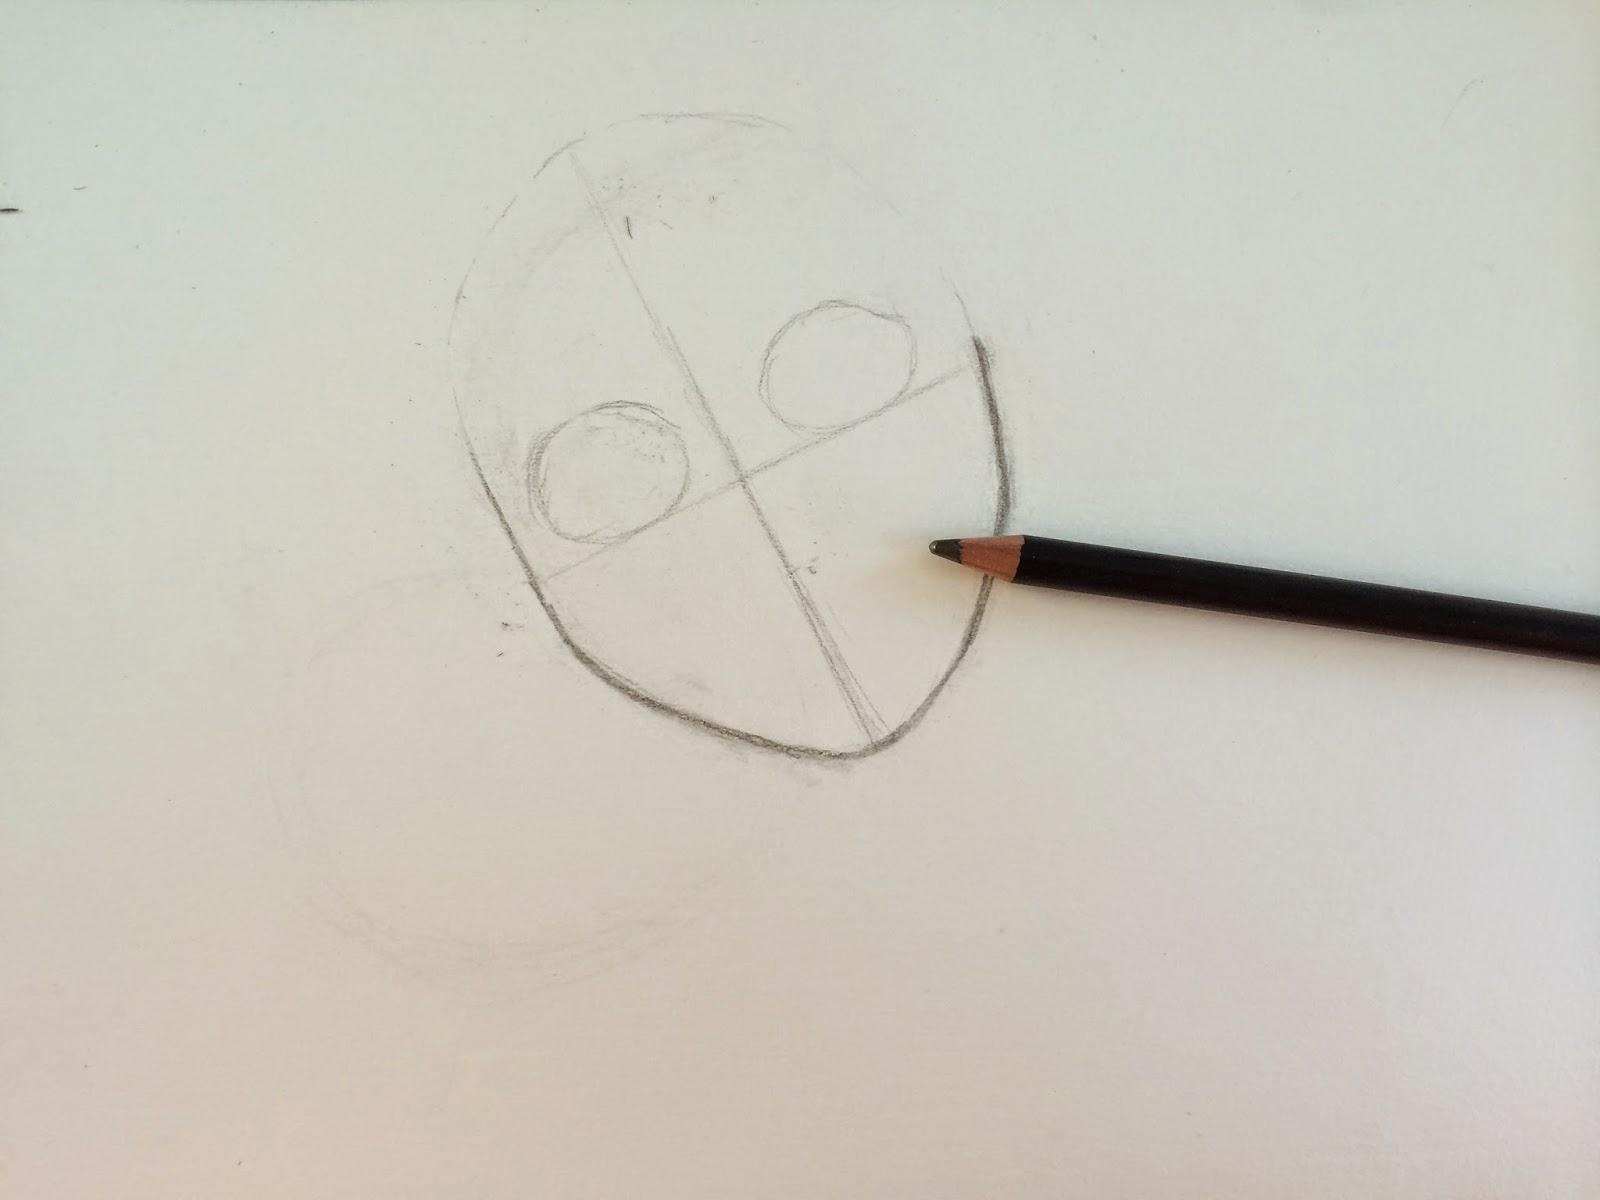 hvordan tegner jeg